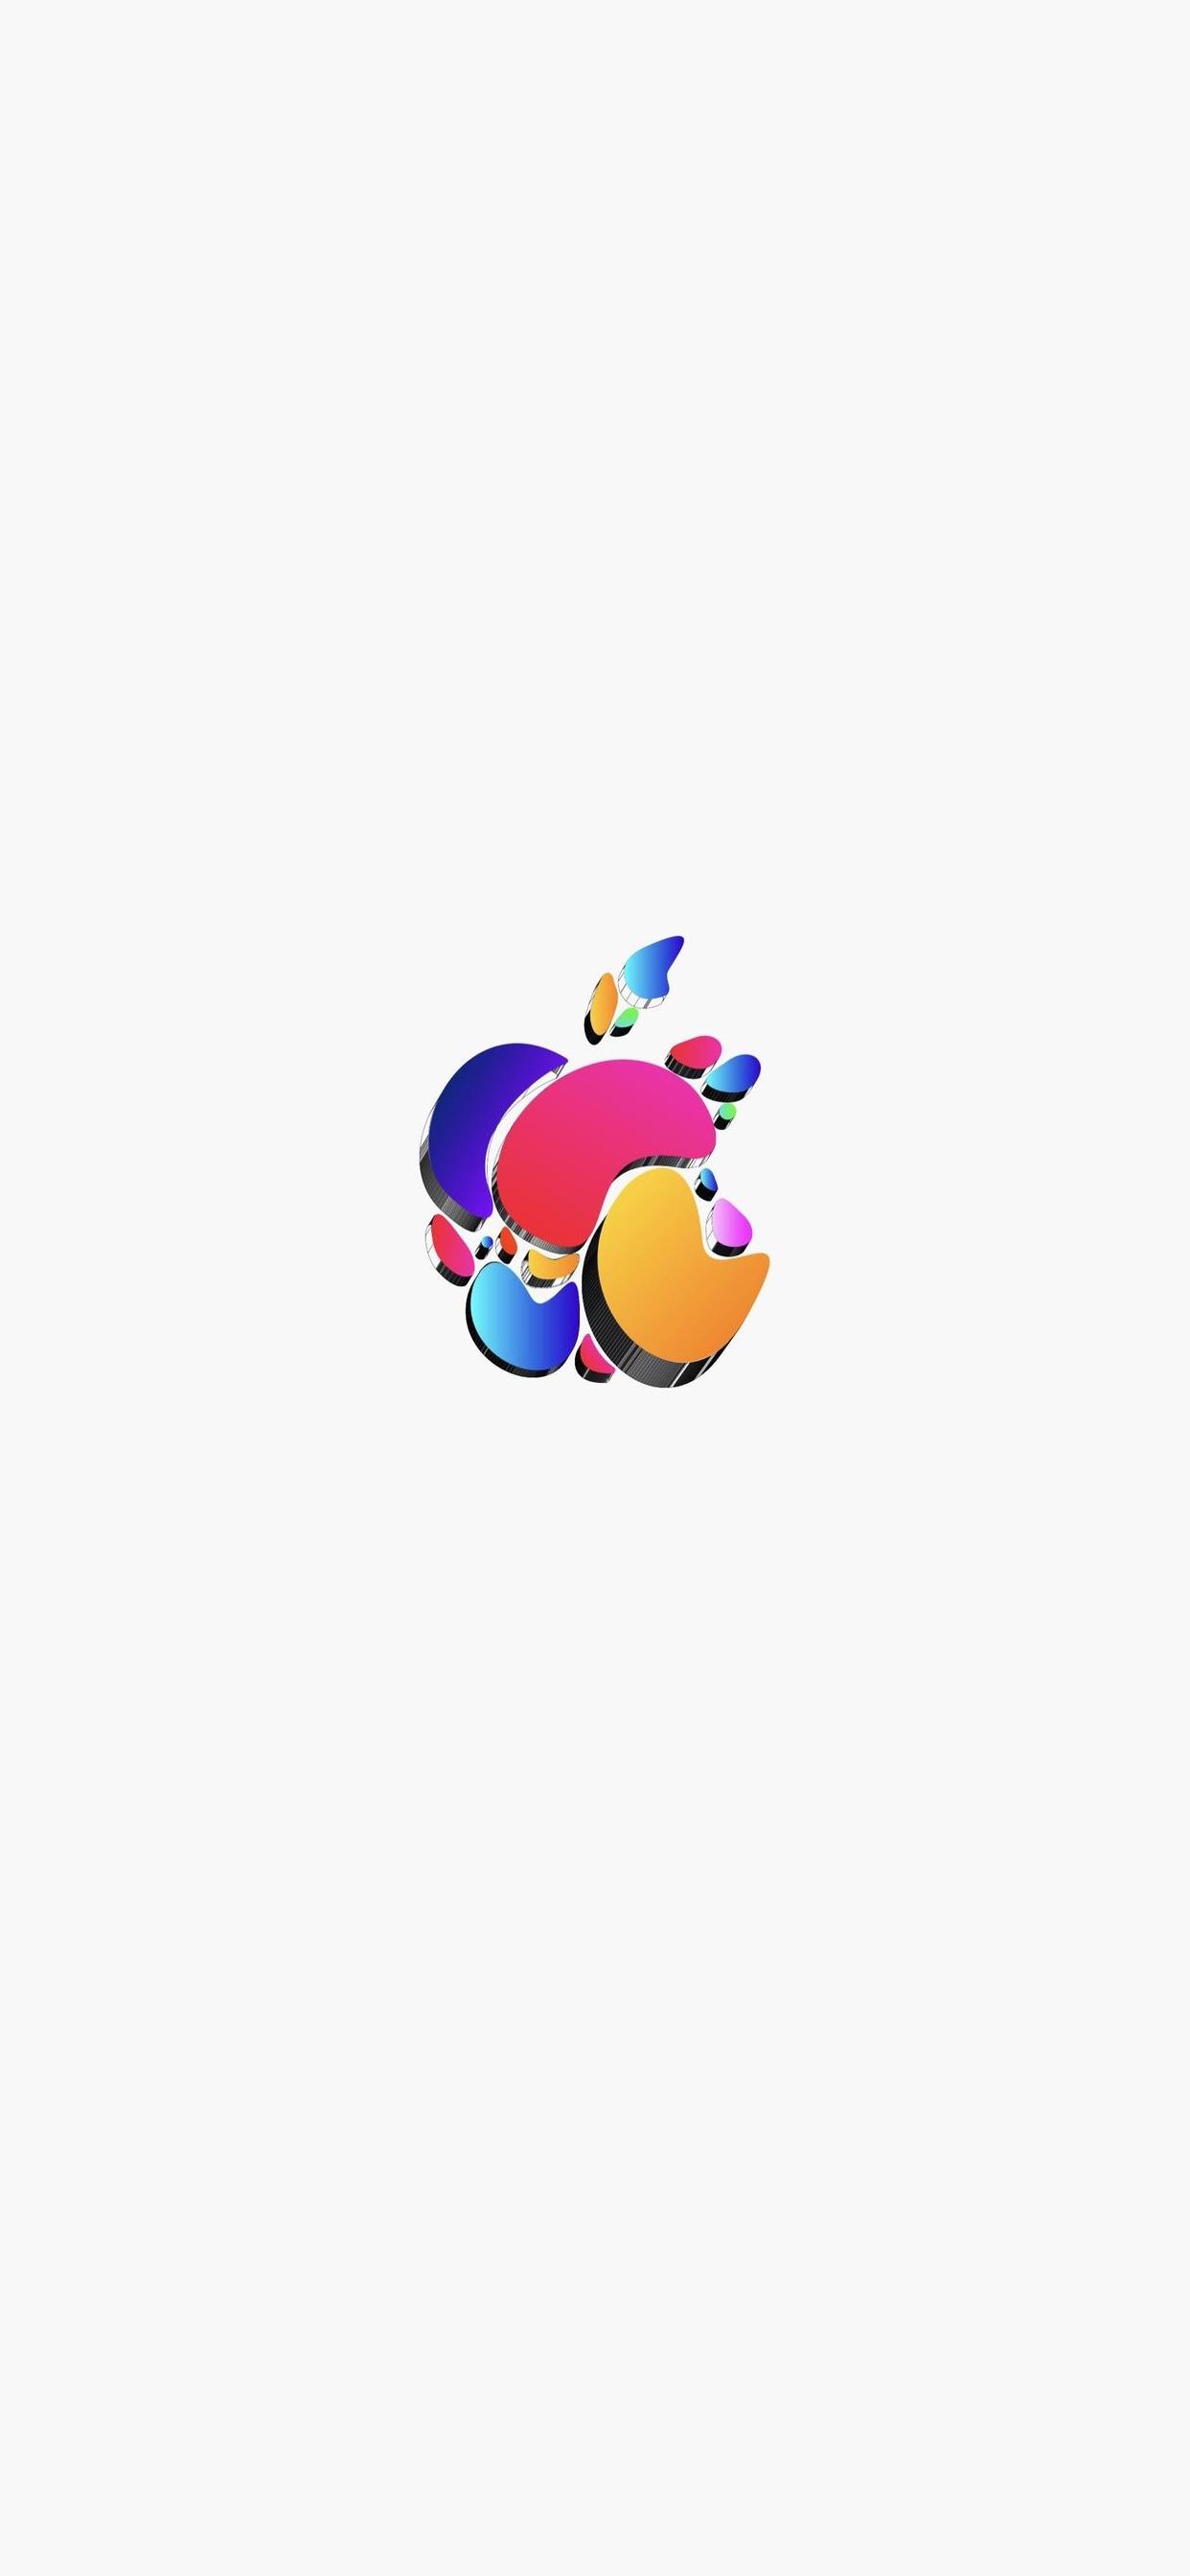 29 Fonds d'écran avec le logo Apple pour iPhone